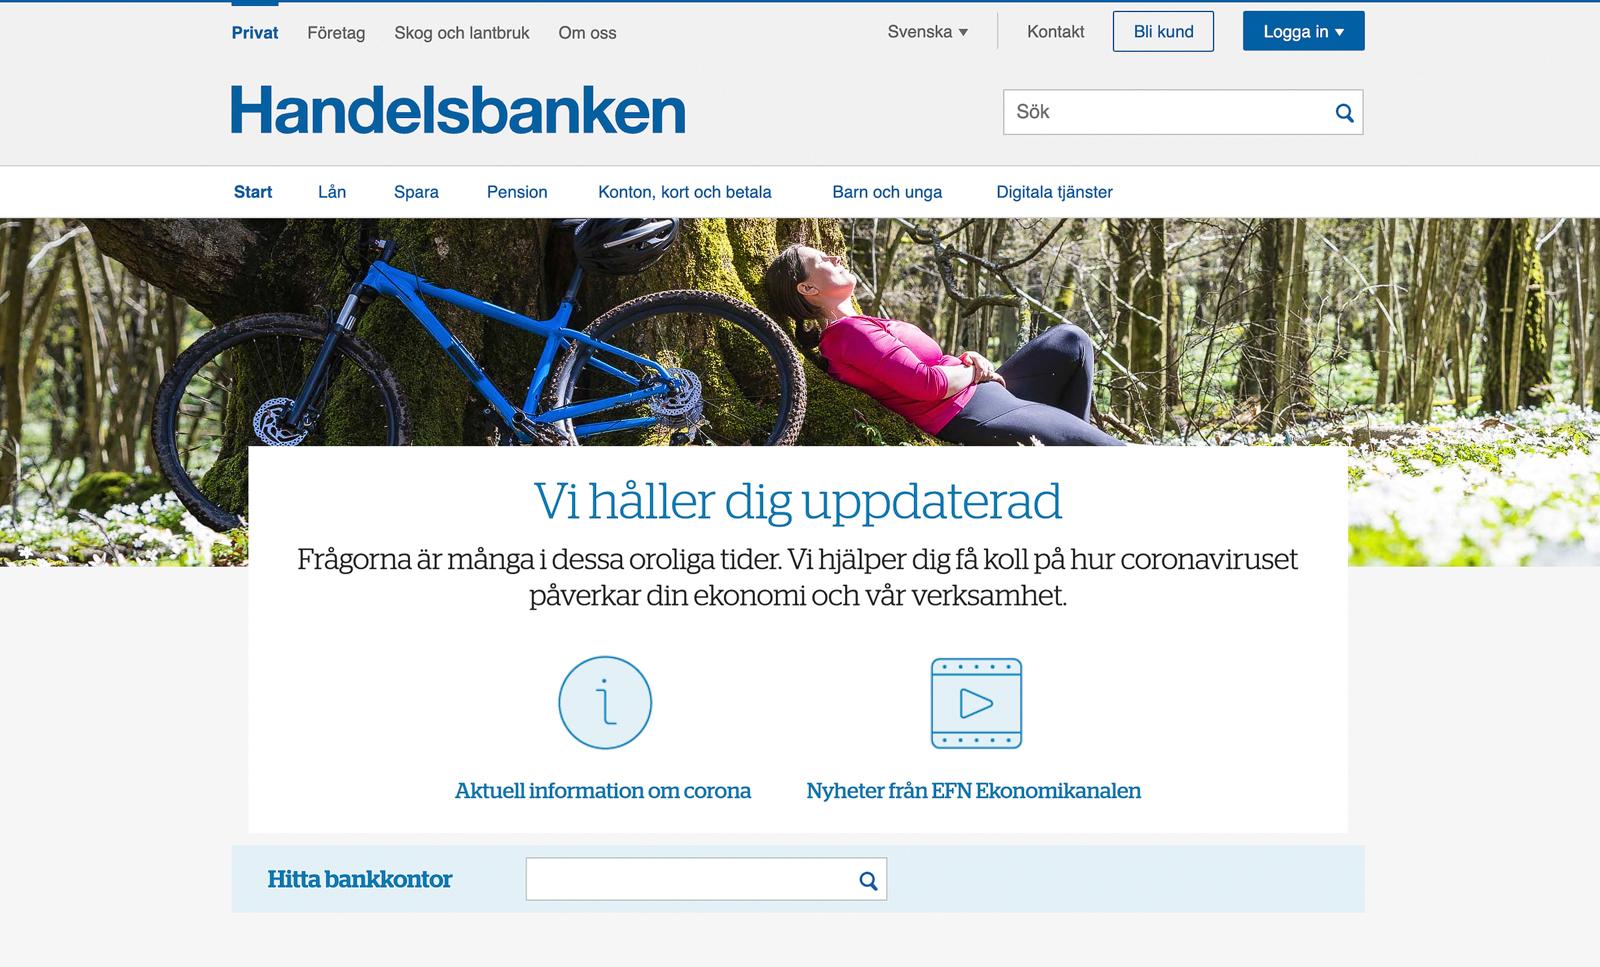 Bild publicerad på Handelsbankens webbsida